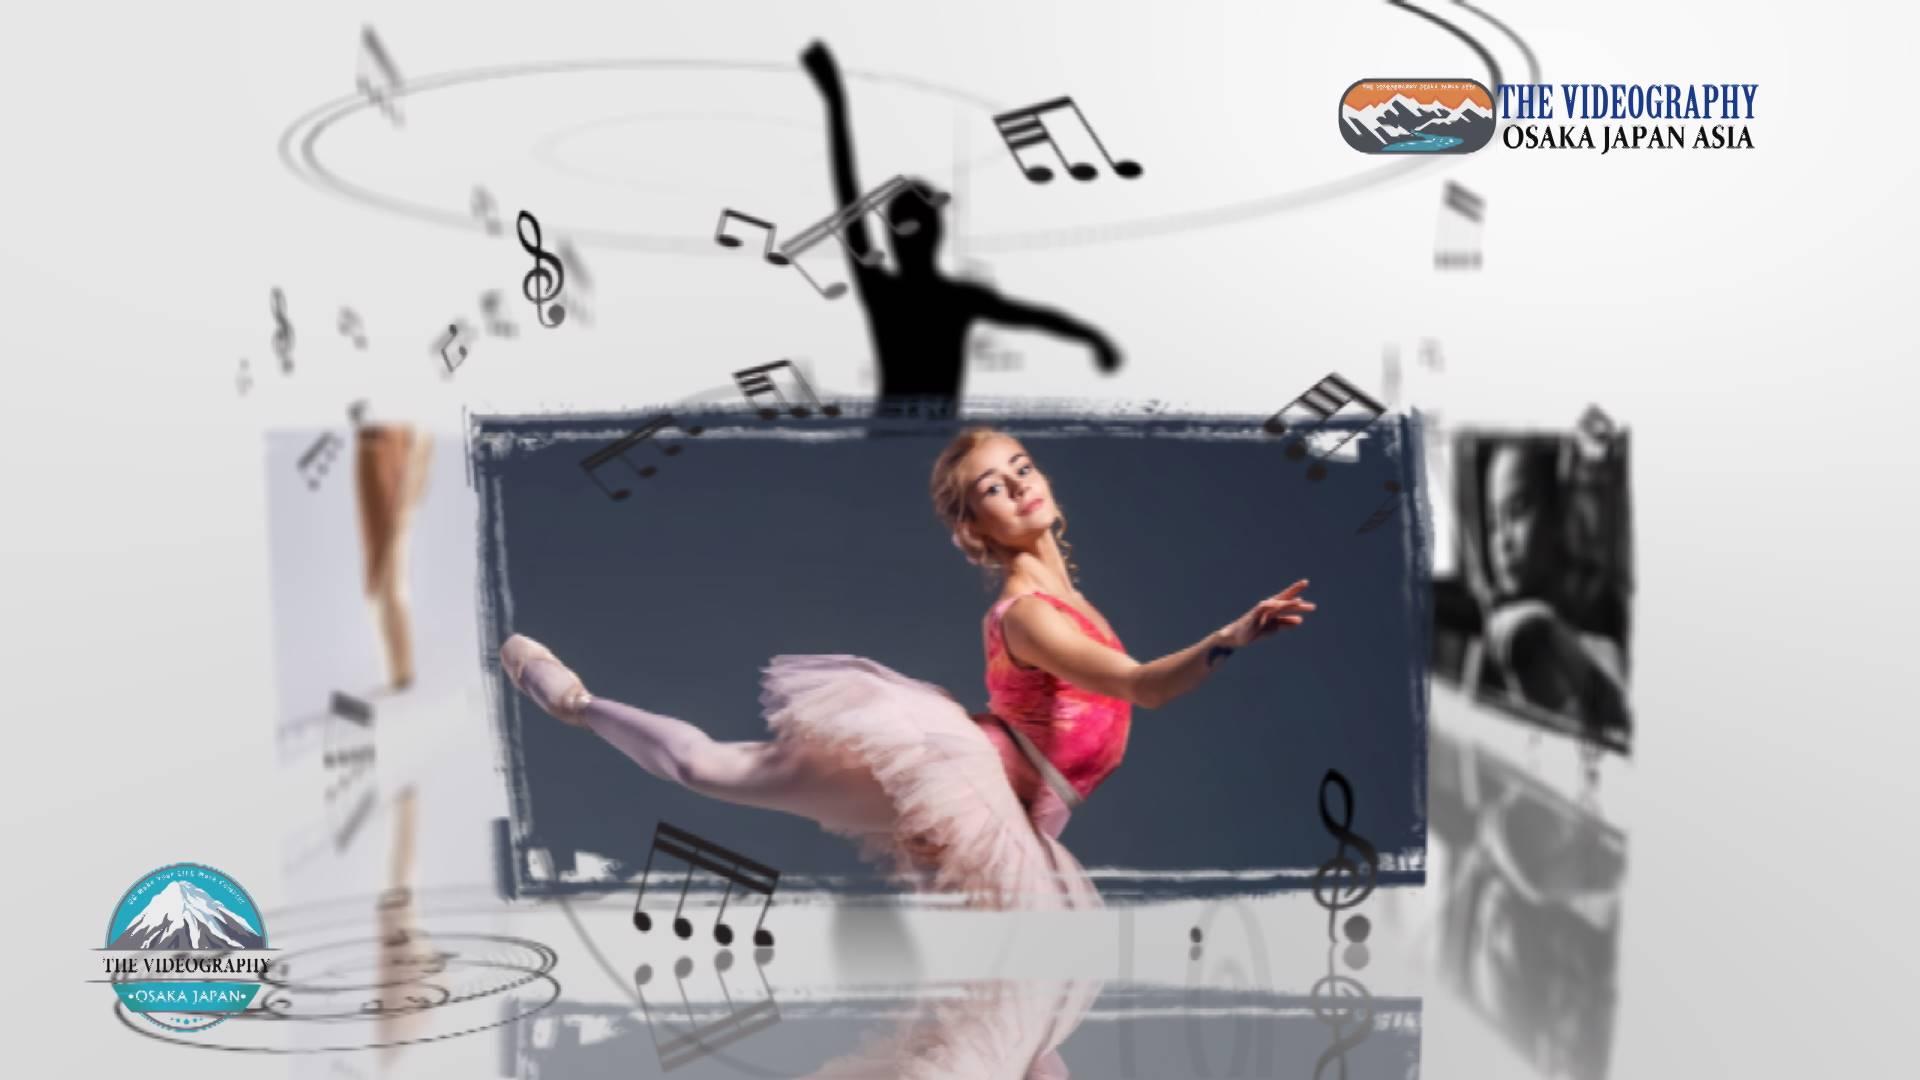 ダンス発表会のDVD撮影 映像編集 記念DVD制作 プロモーションビデオ制作@小学校 中学校 高等学校